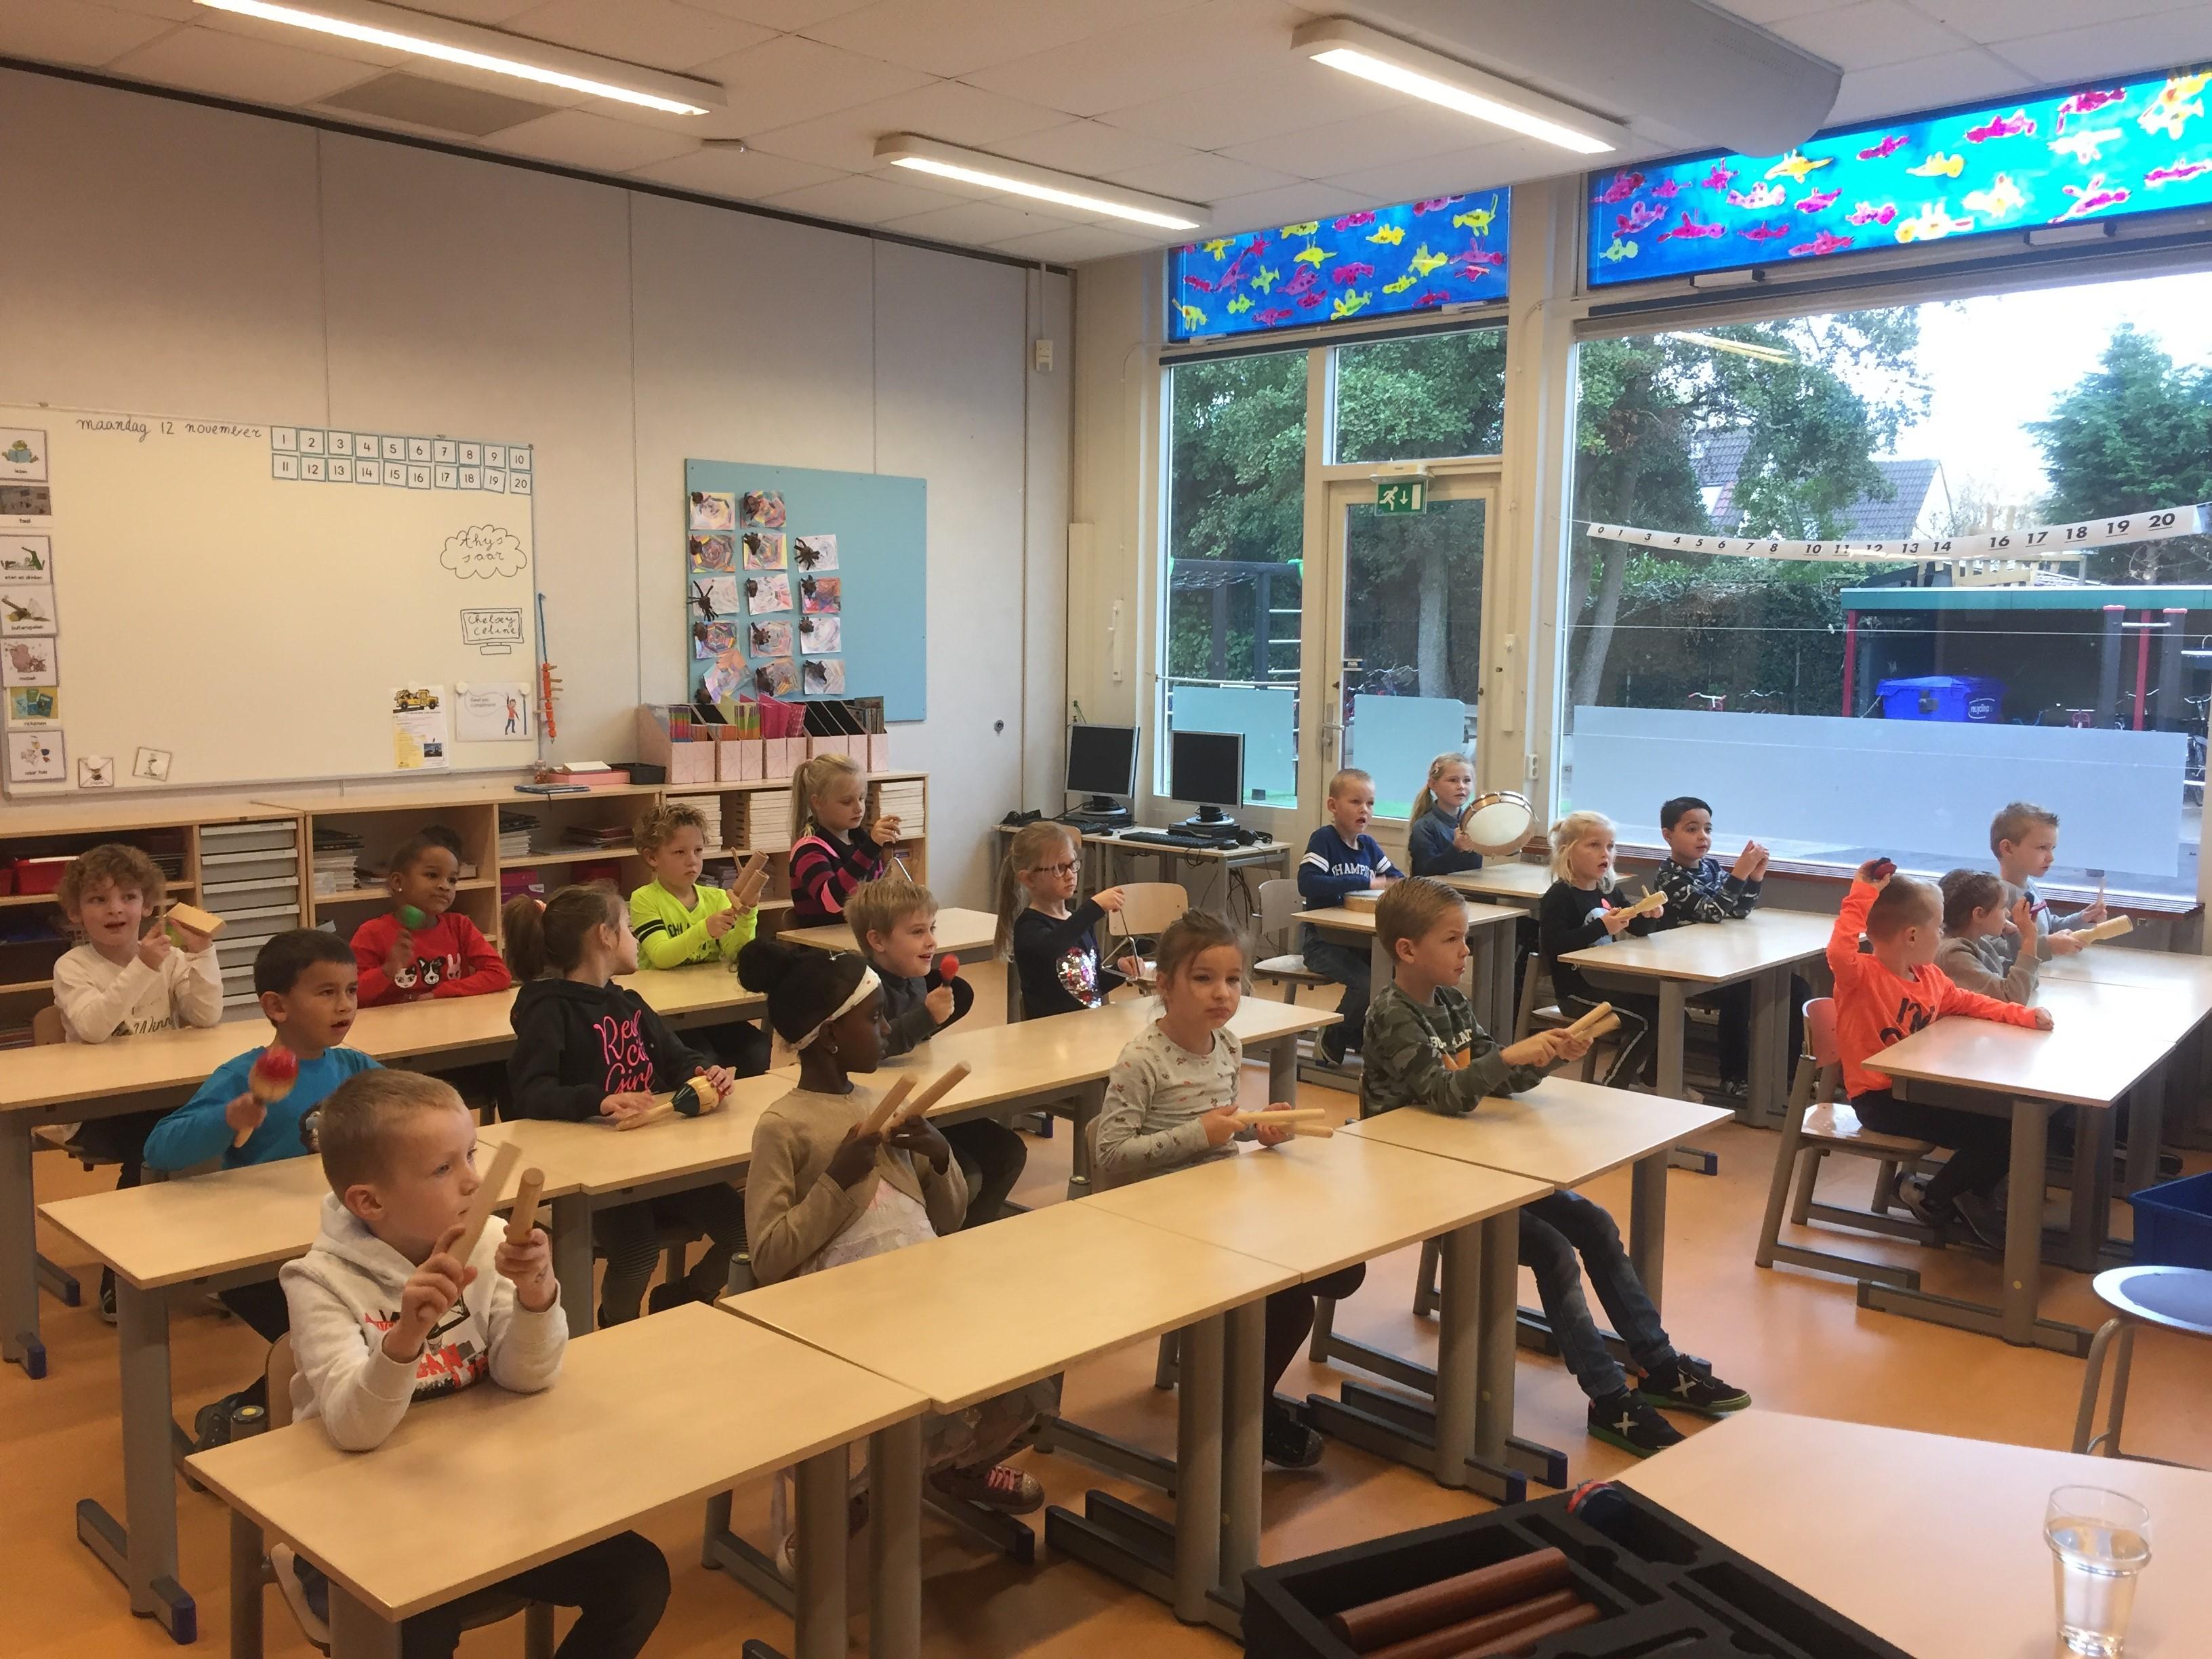 Leerlingen van de Anne Frankschool tijdens de muziekles. (FOTO: AANGELEVERD)